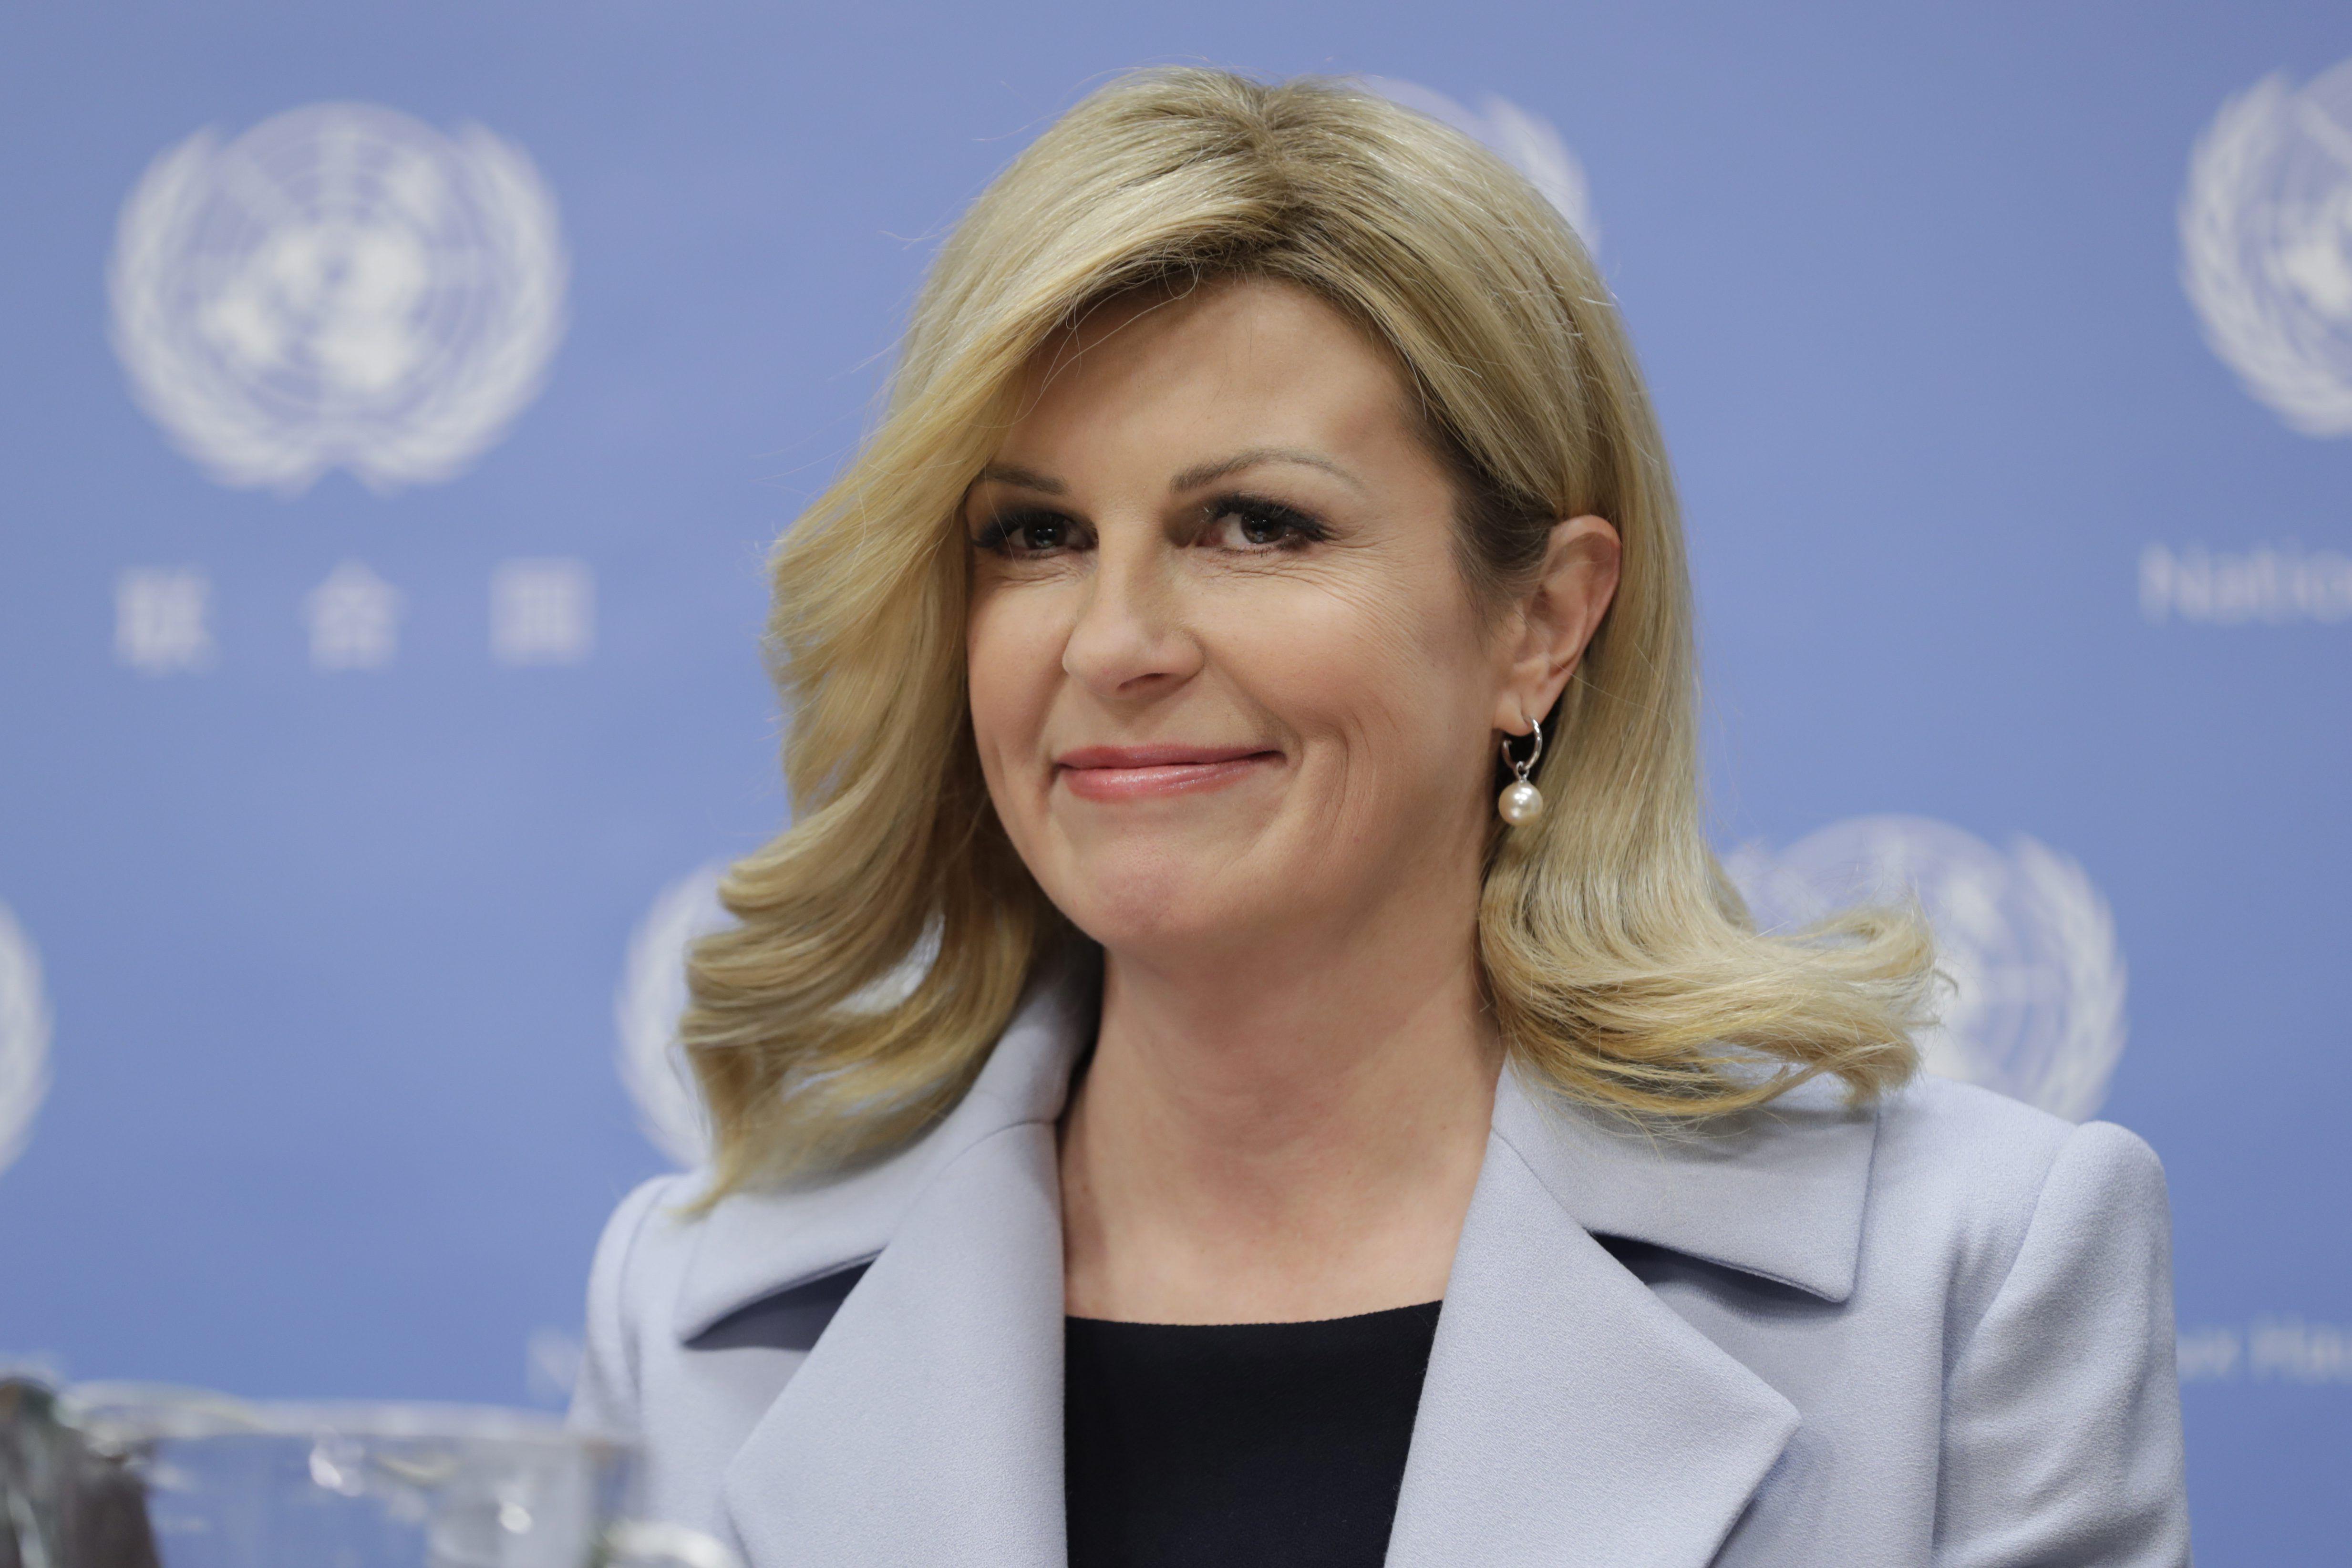 Modno osvježenje: Kolinda Grabar Kitarović u hit boji i s mladenačkom frizurom